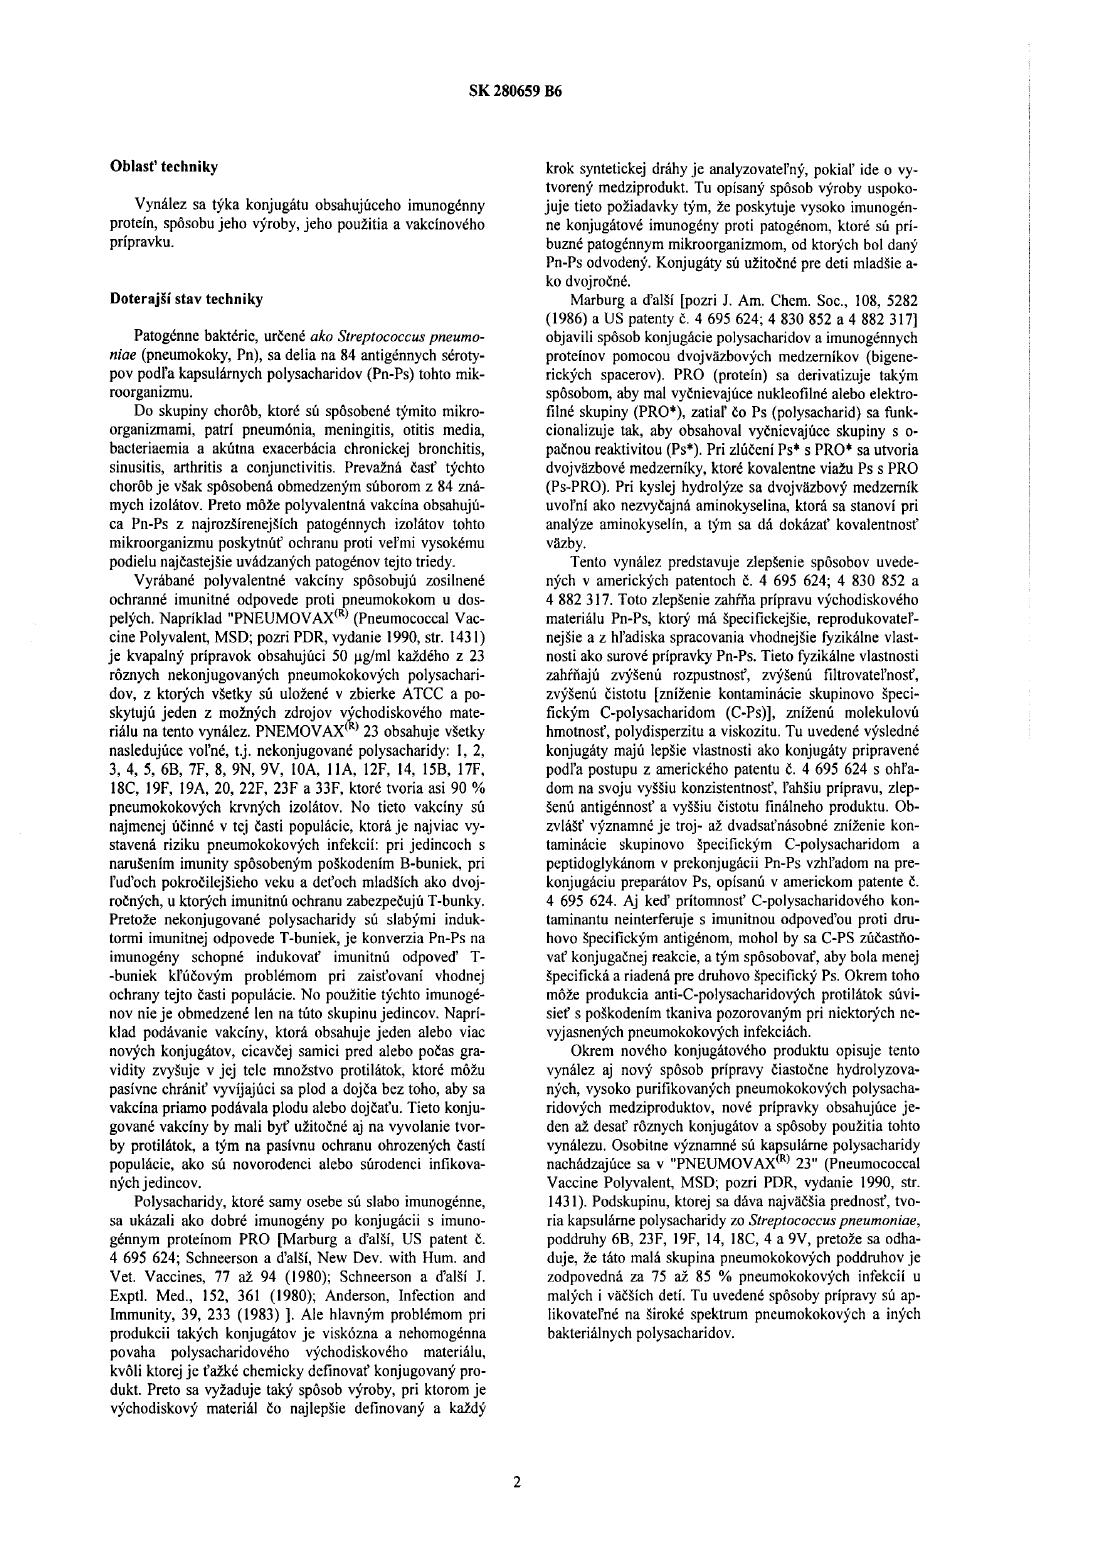 24bd4947fb0fc Konjugát obsahujúci imunogénny proteín, spôsob jeho výroby, jeho použitie a  vakcínový prípravok — 14.10.1992 — 280659 — Databáza patentov Slovenska